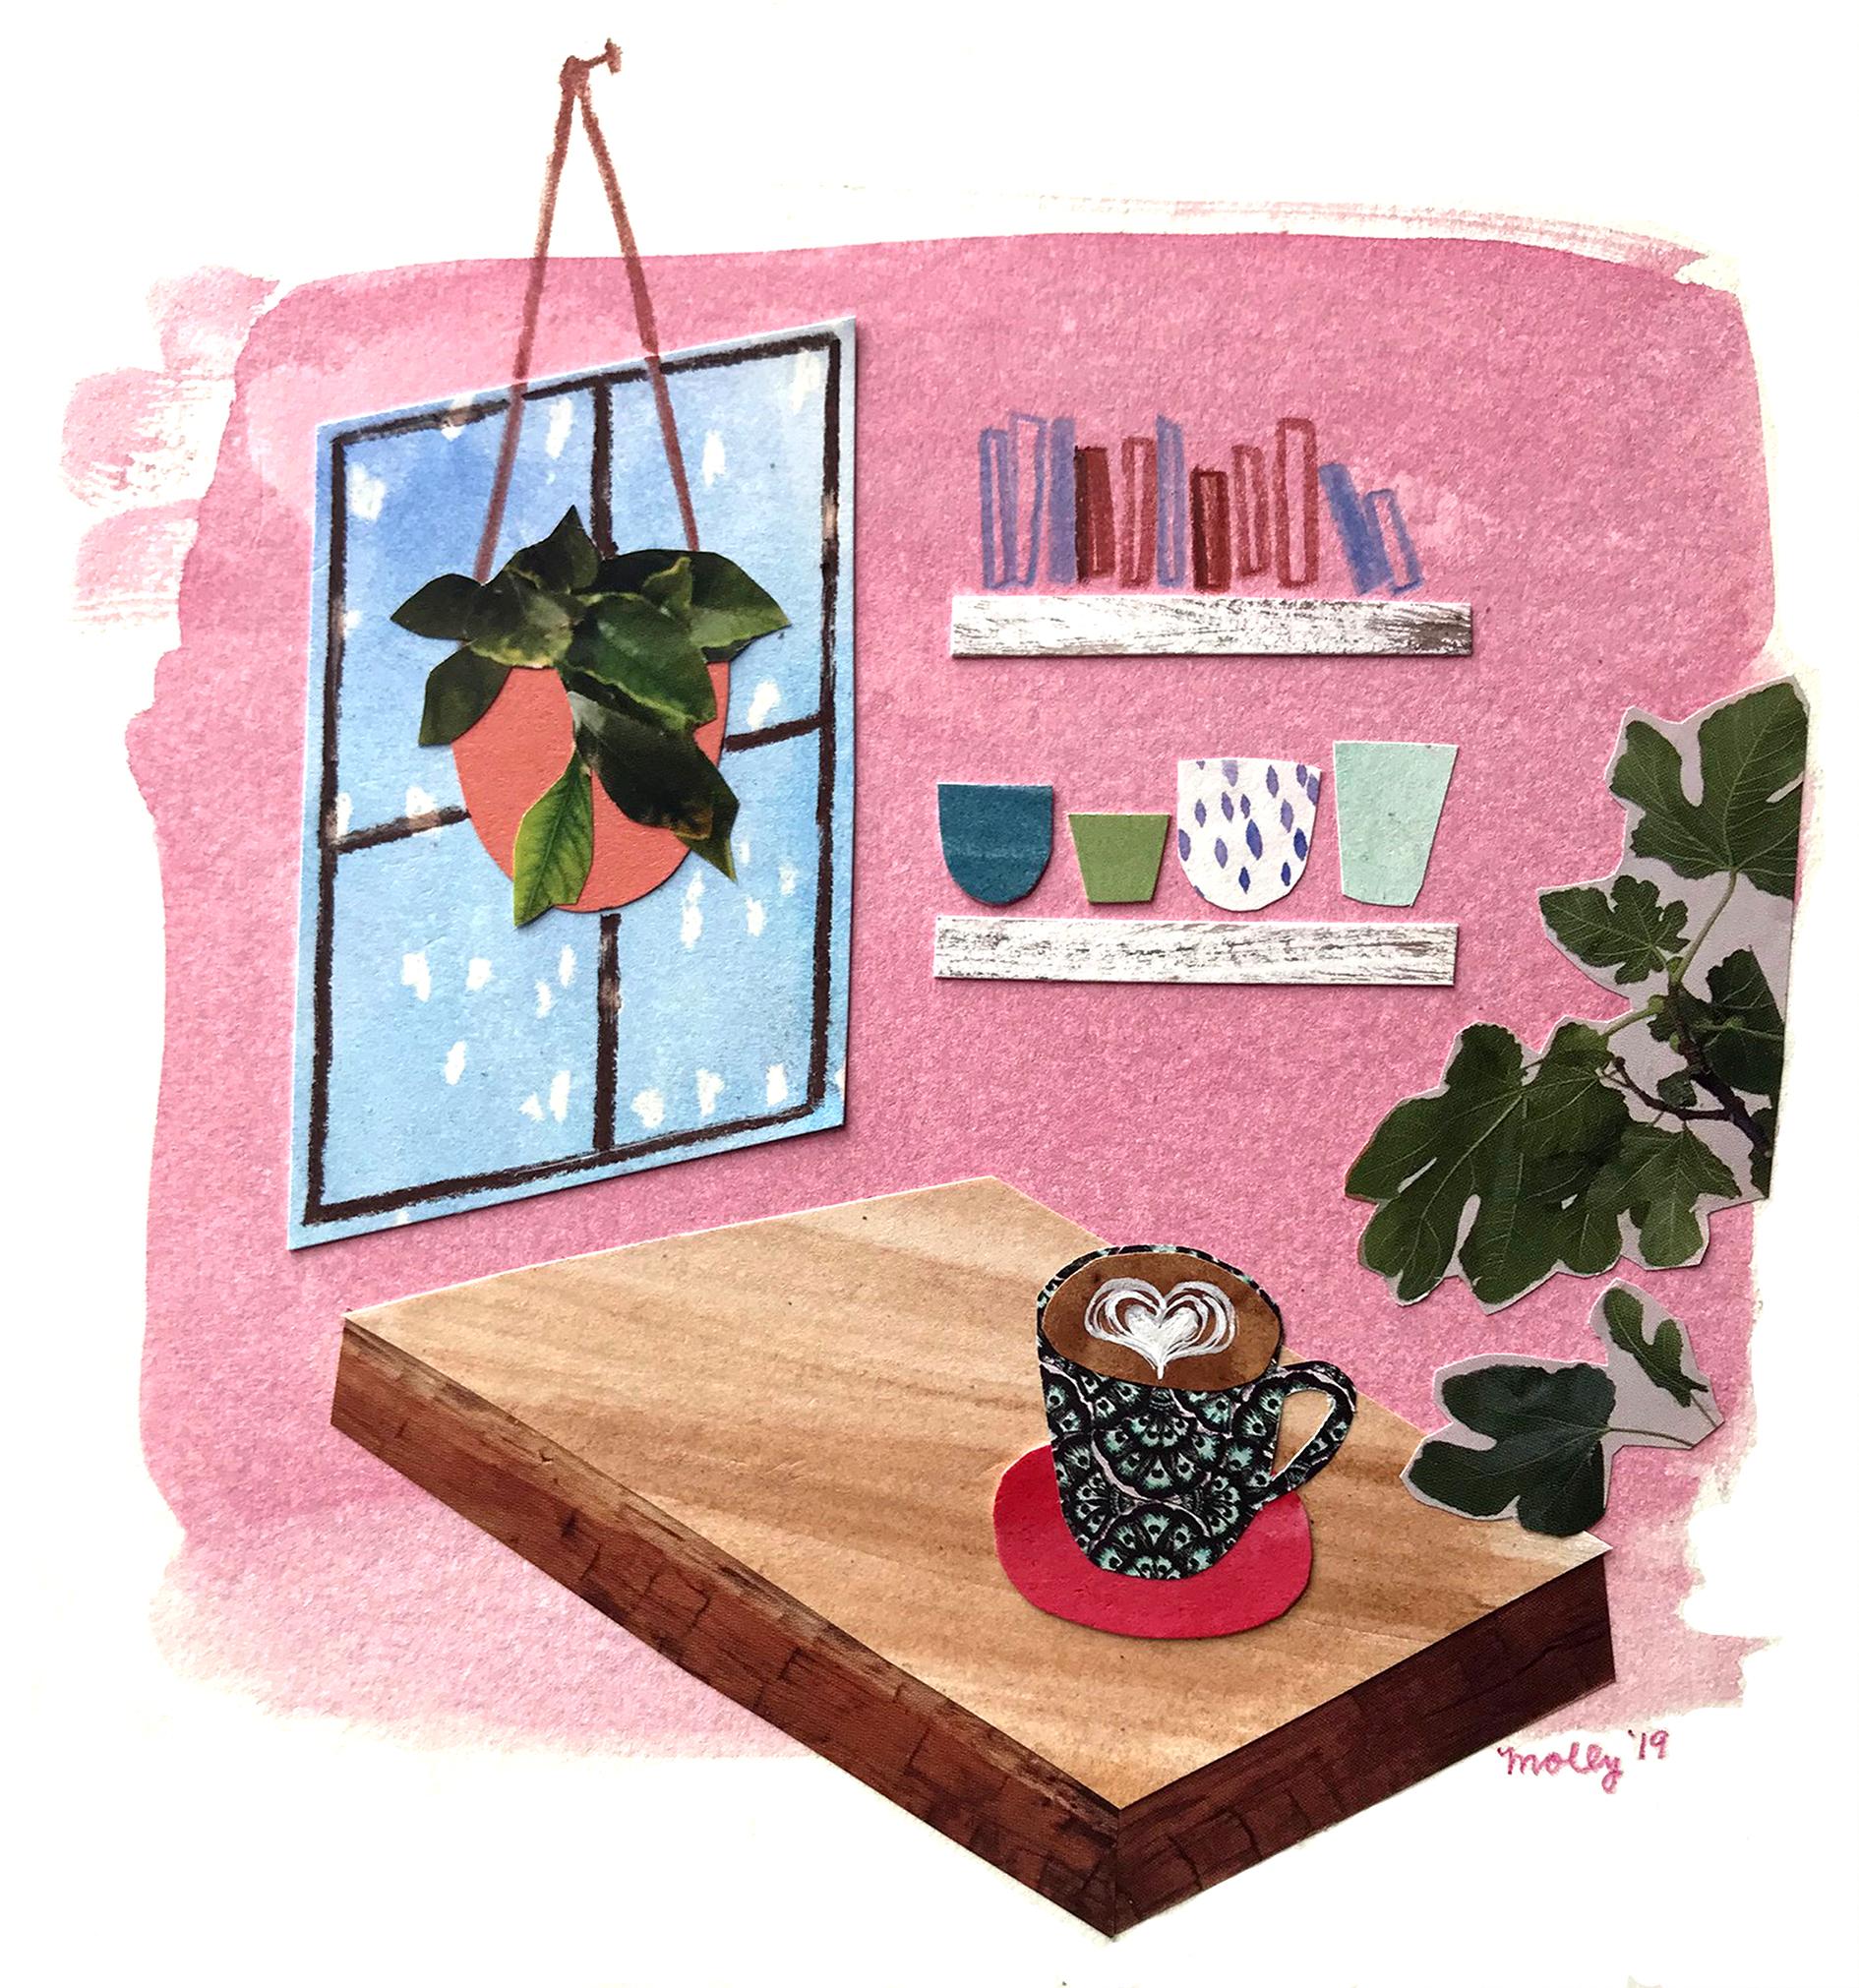 Molly Atryzek, Somerville, MA,  mollyatryzek.com , @ mollyatryzek_artist